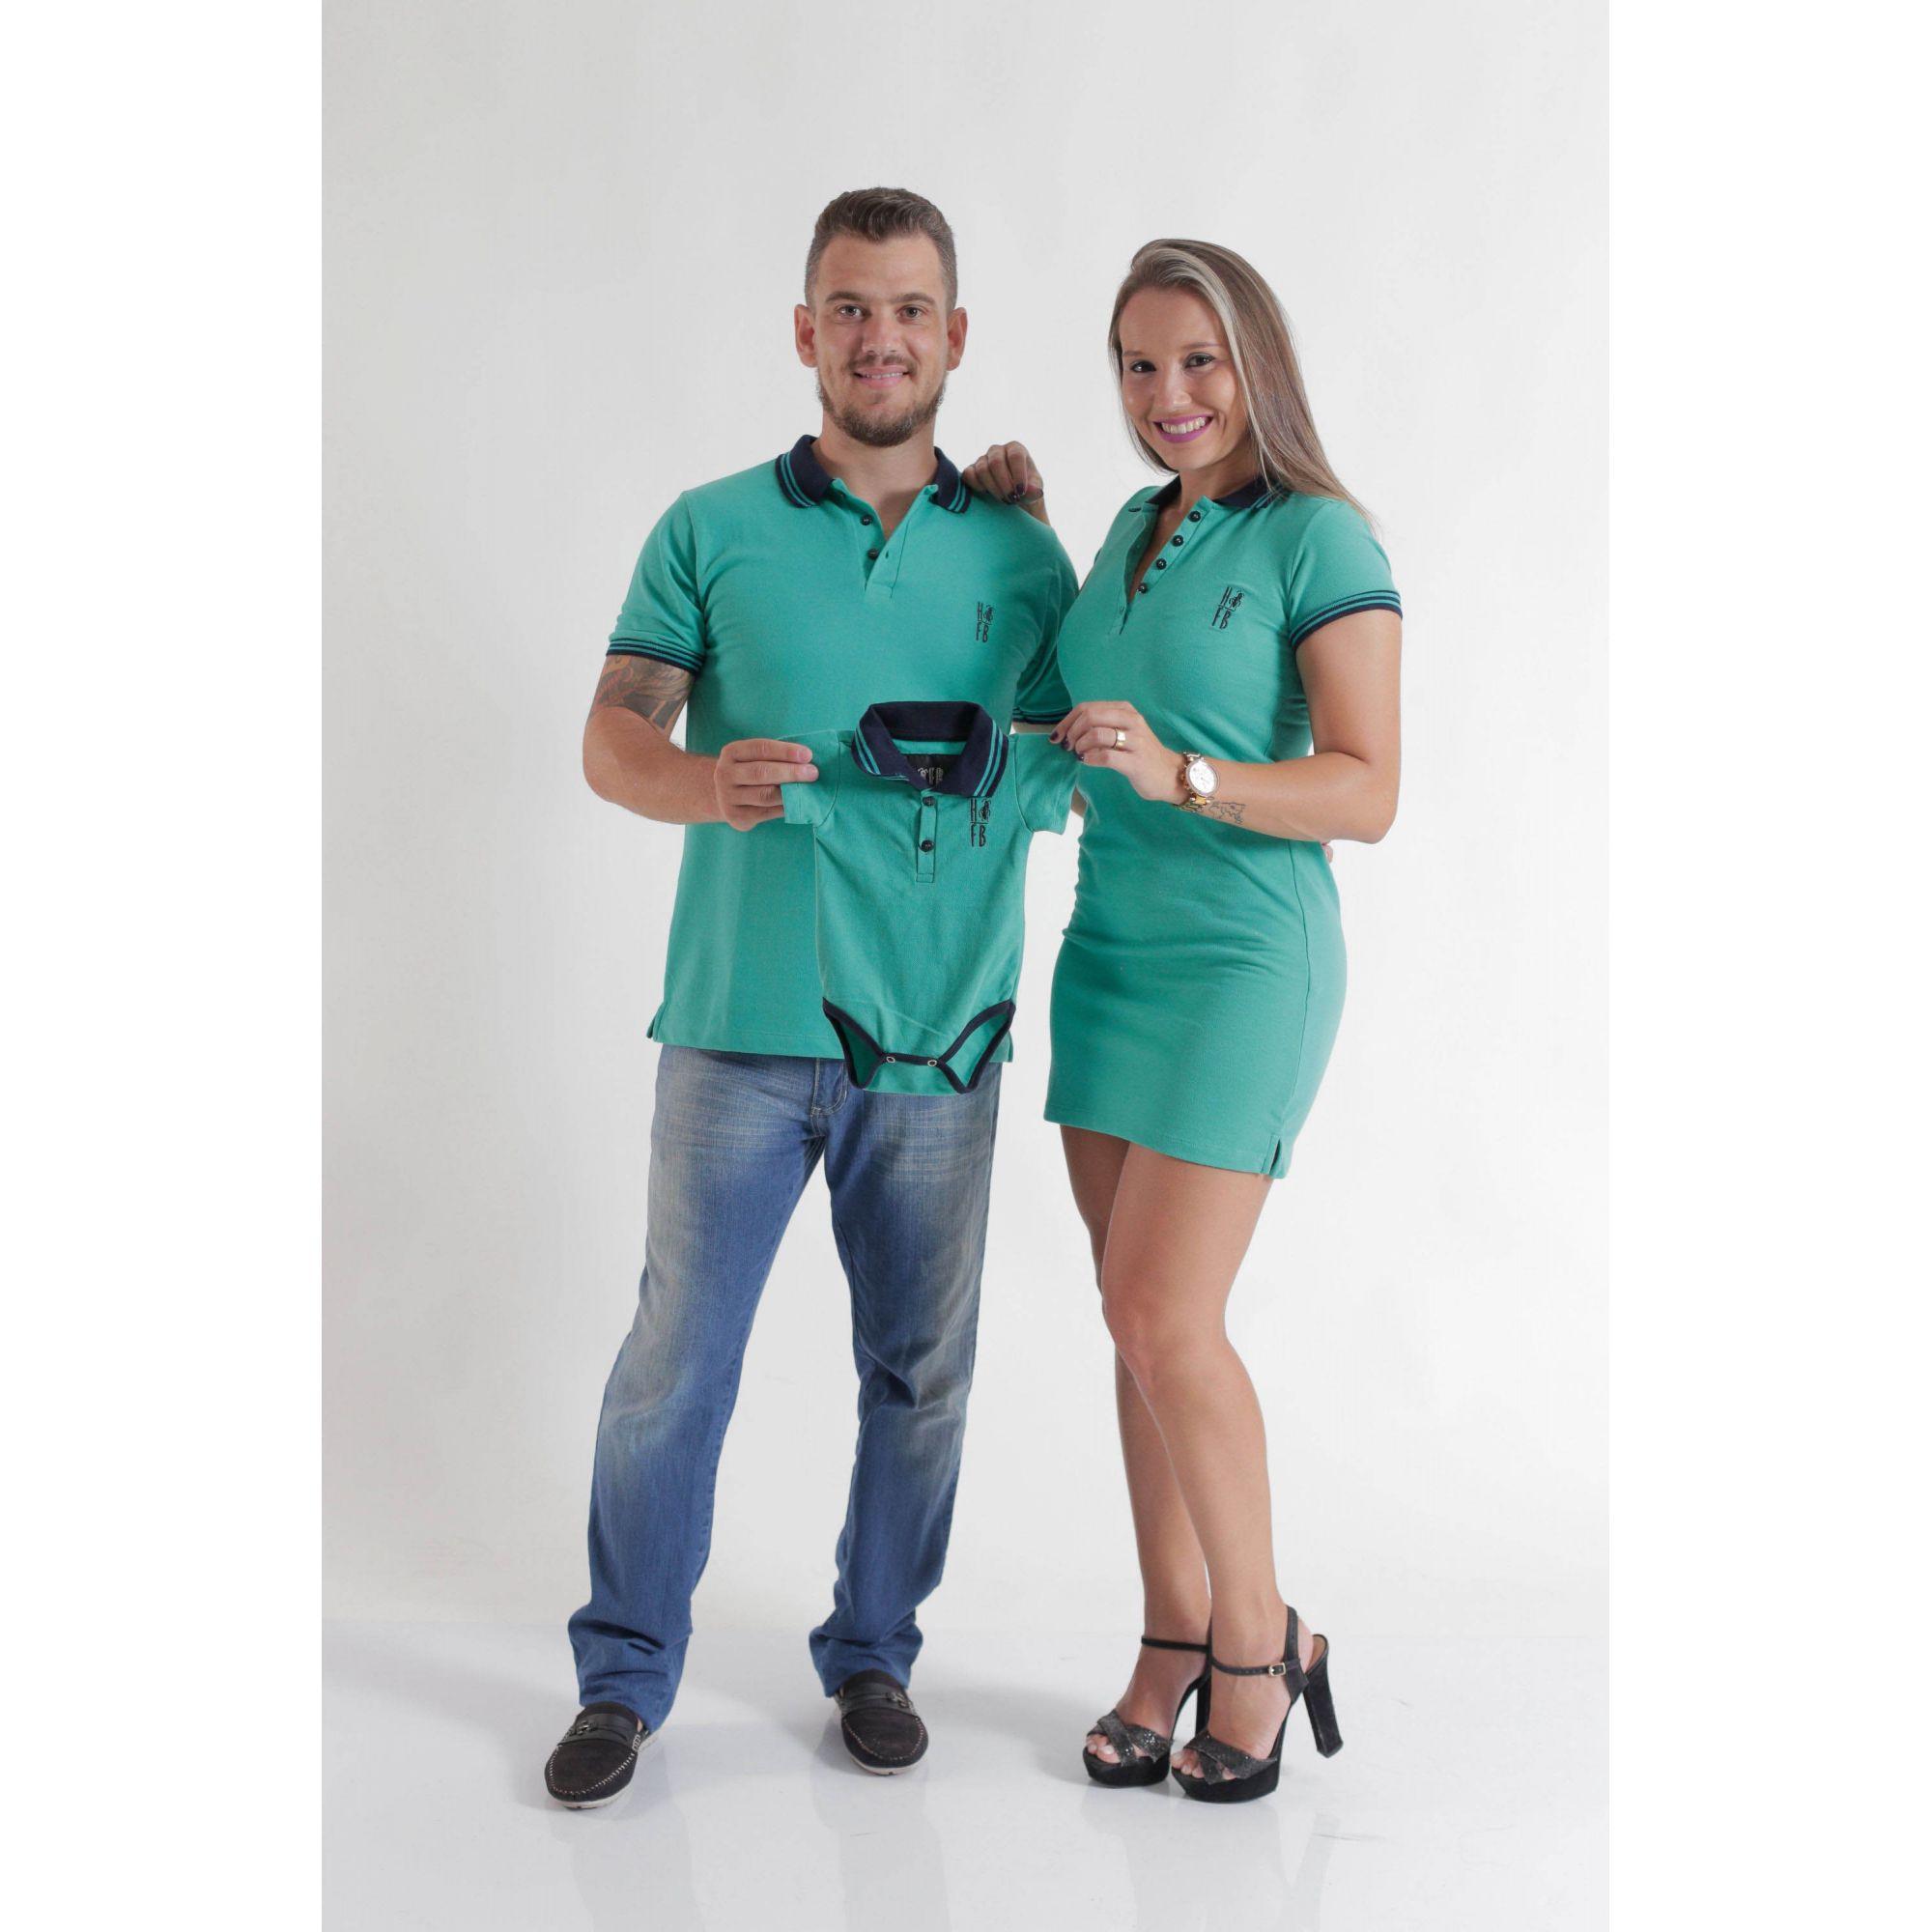 PAIS E FILHOS > Kit 3 peças Camisas ou Body Polo e Vestido Verde Jade [Coleção Família]  - Heitor Fashion Brazil